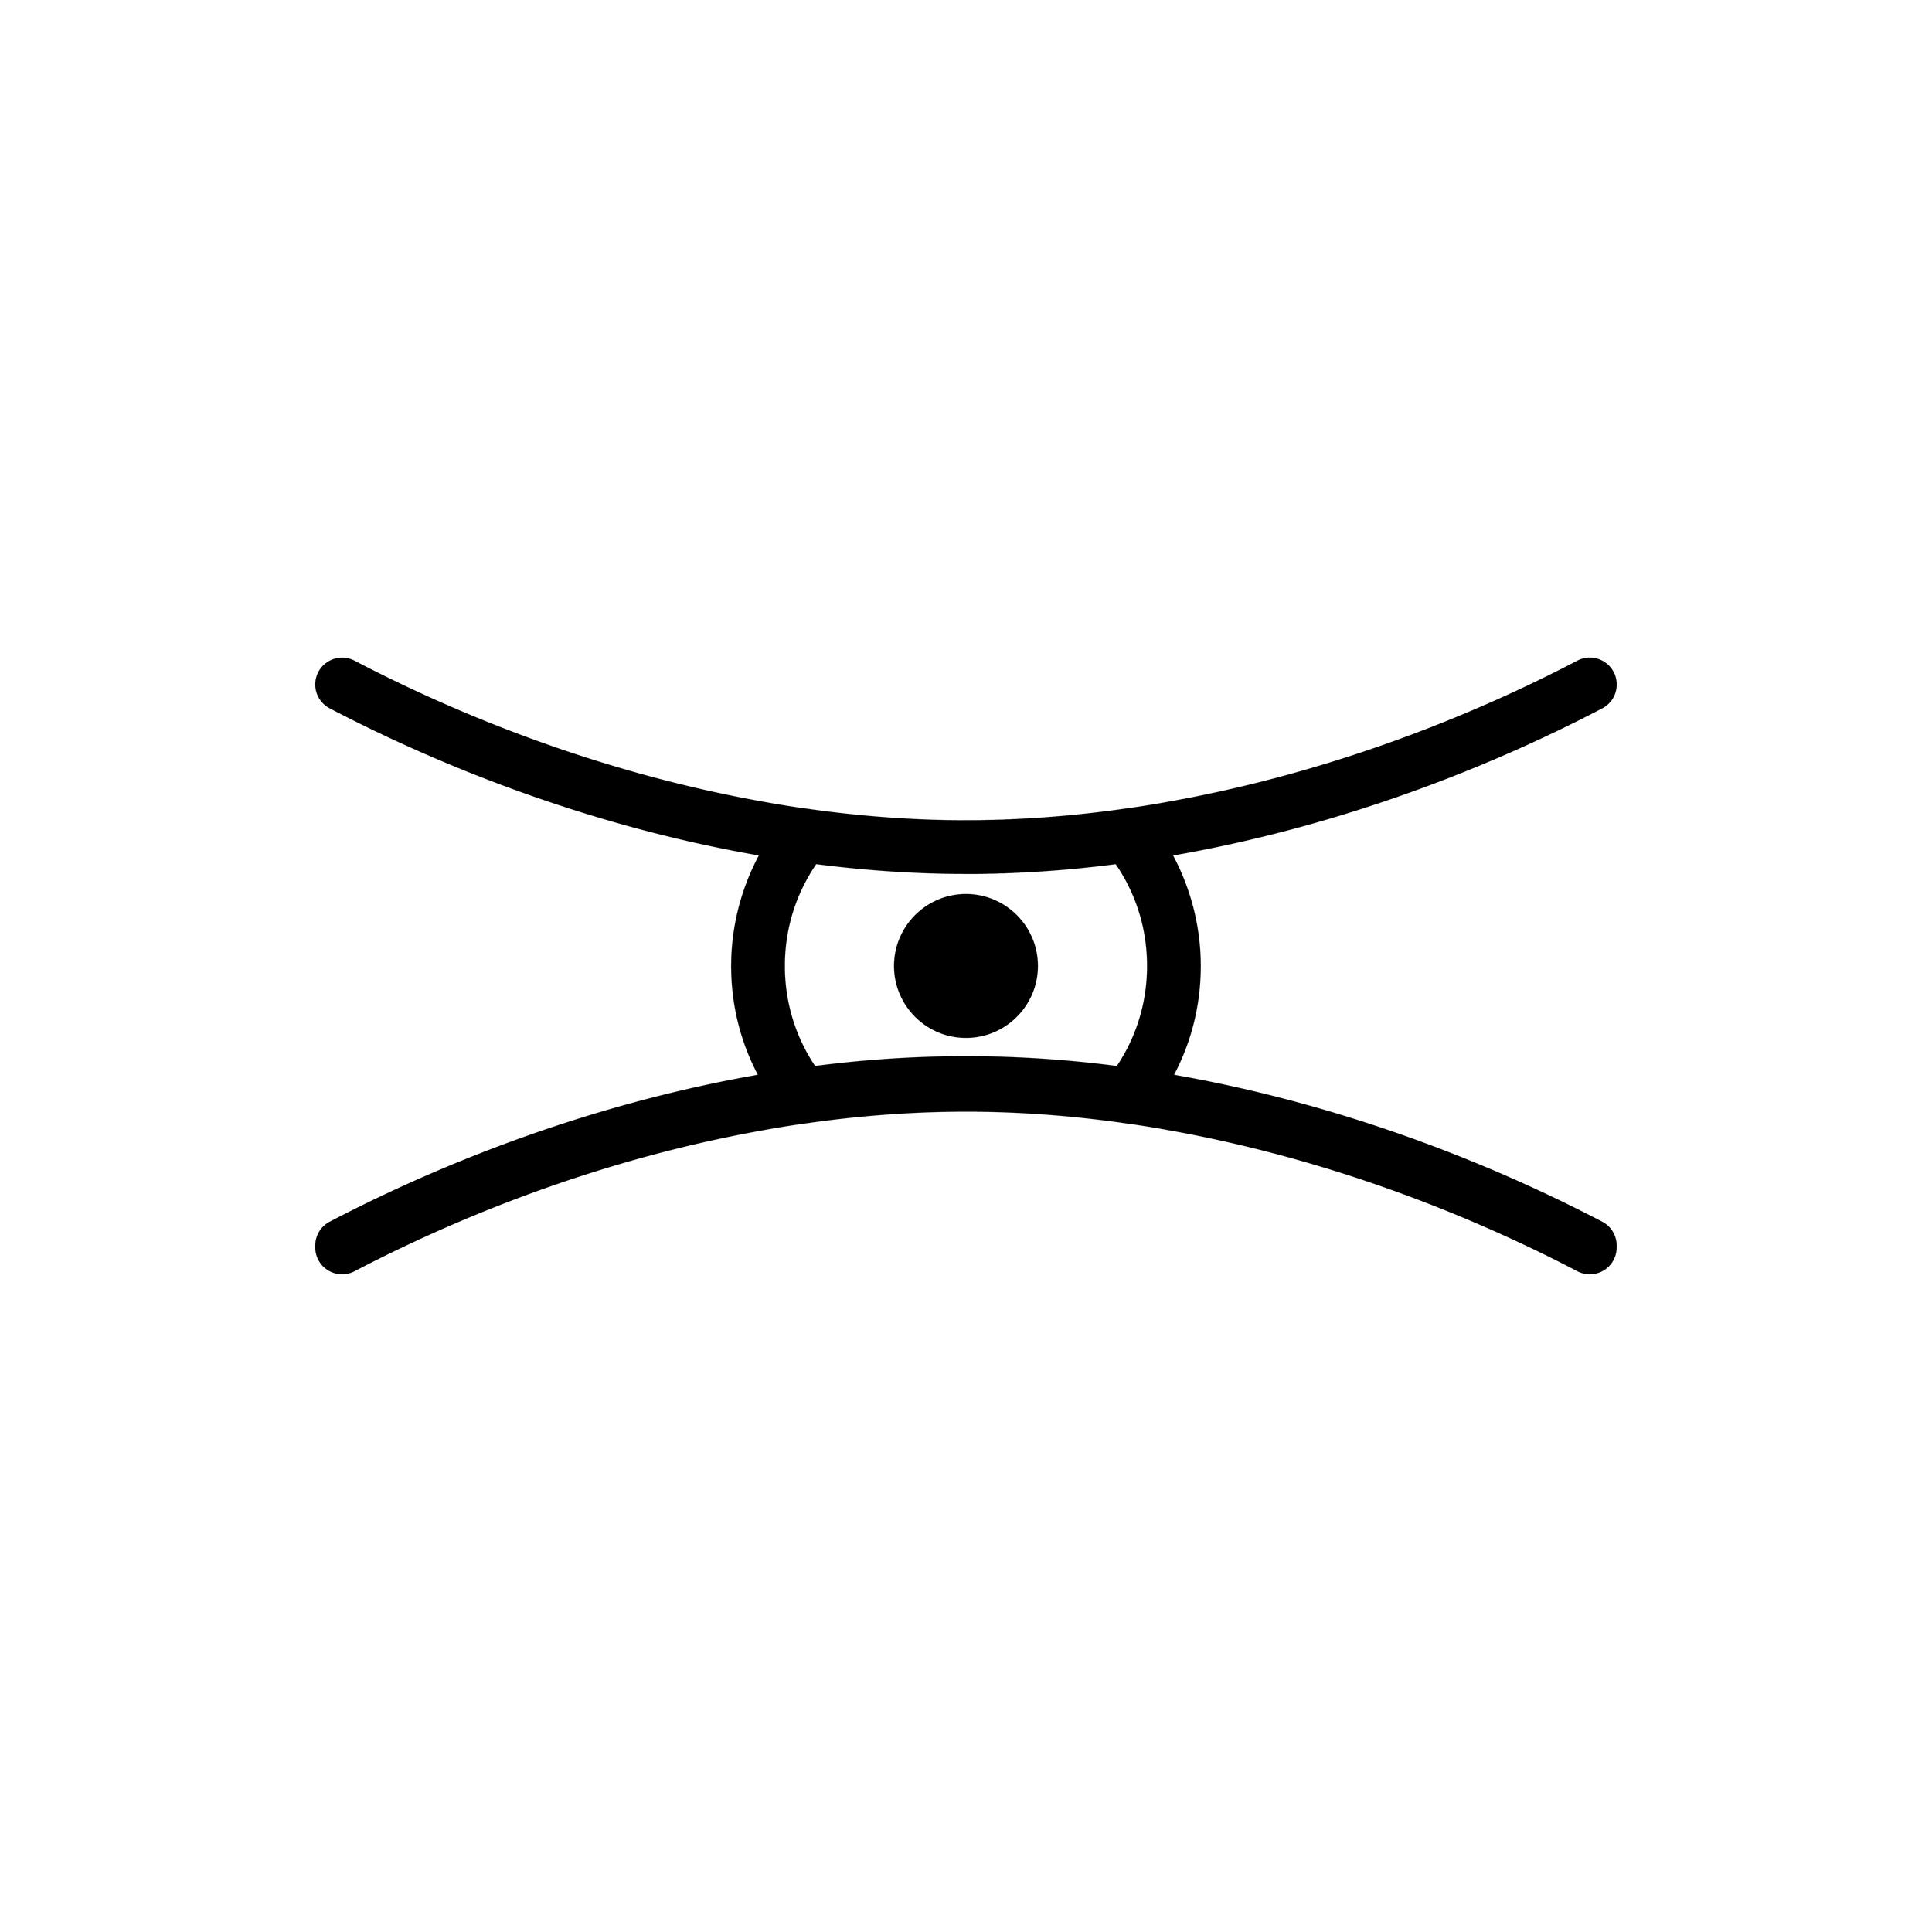 eyes-22.jpg